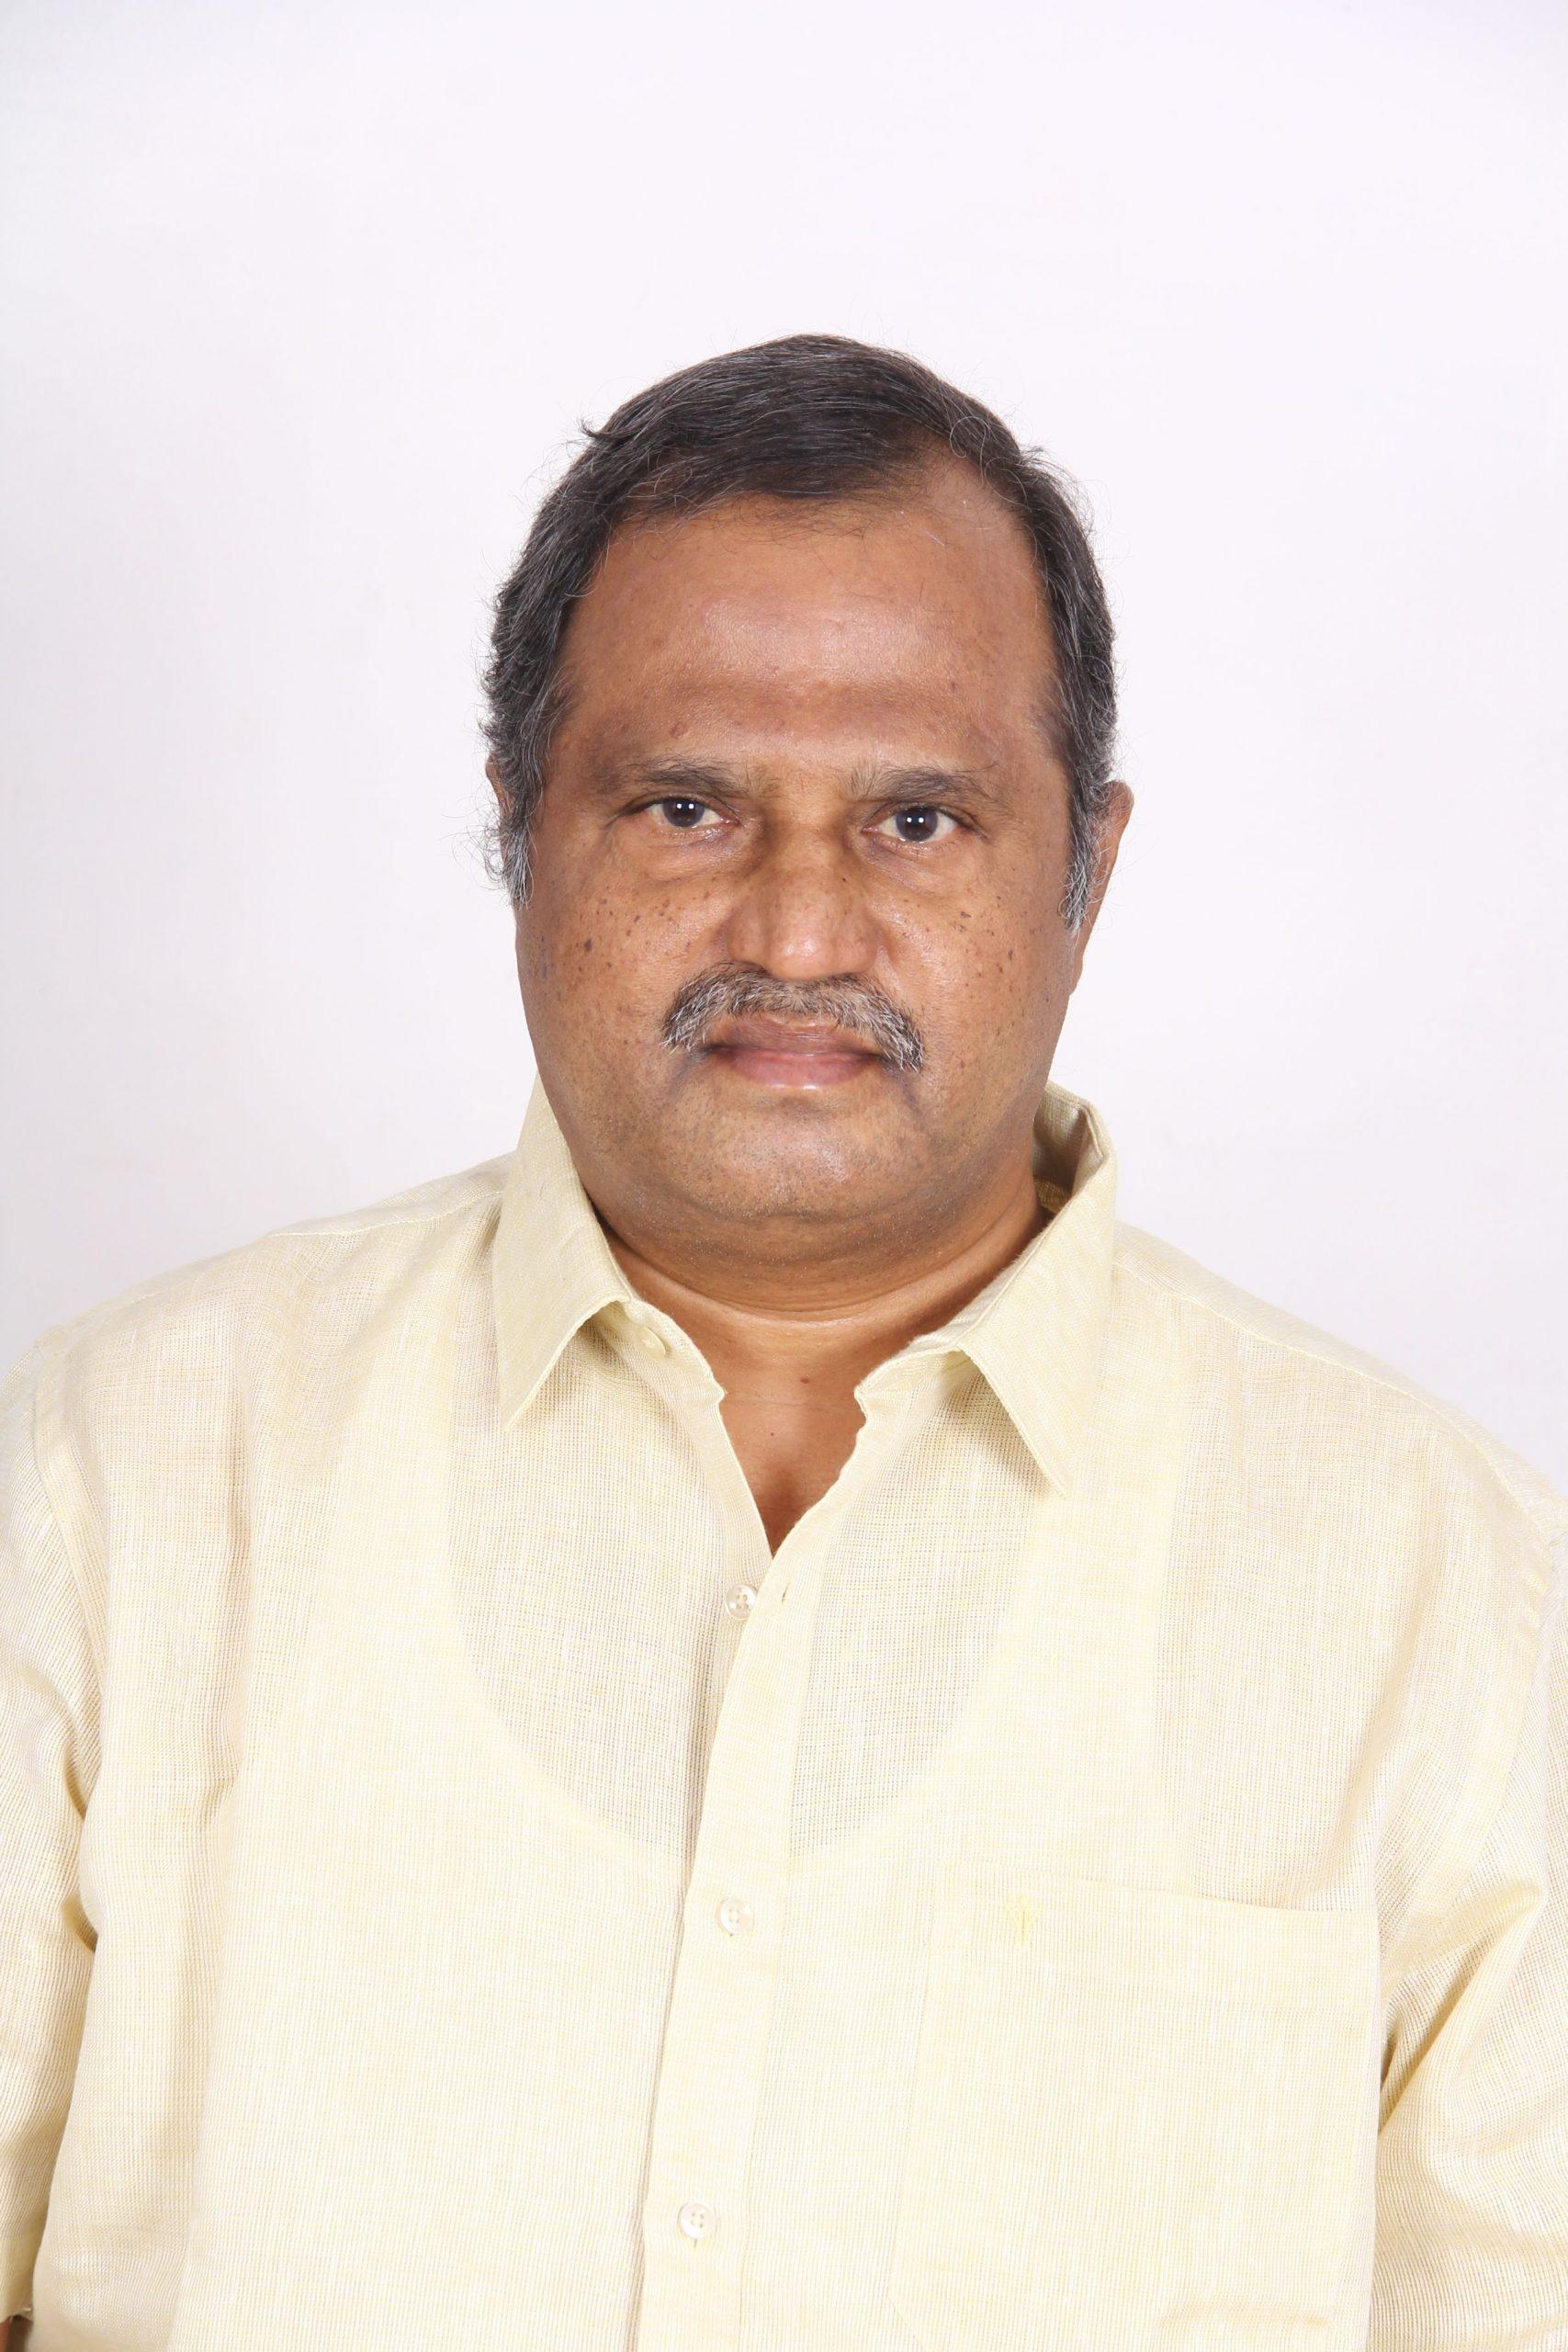 Dr. A. V. Srikanth